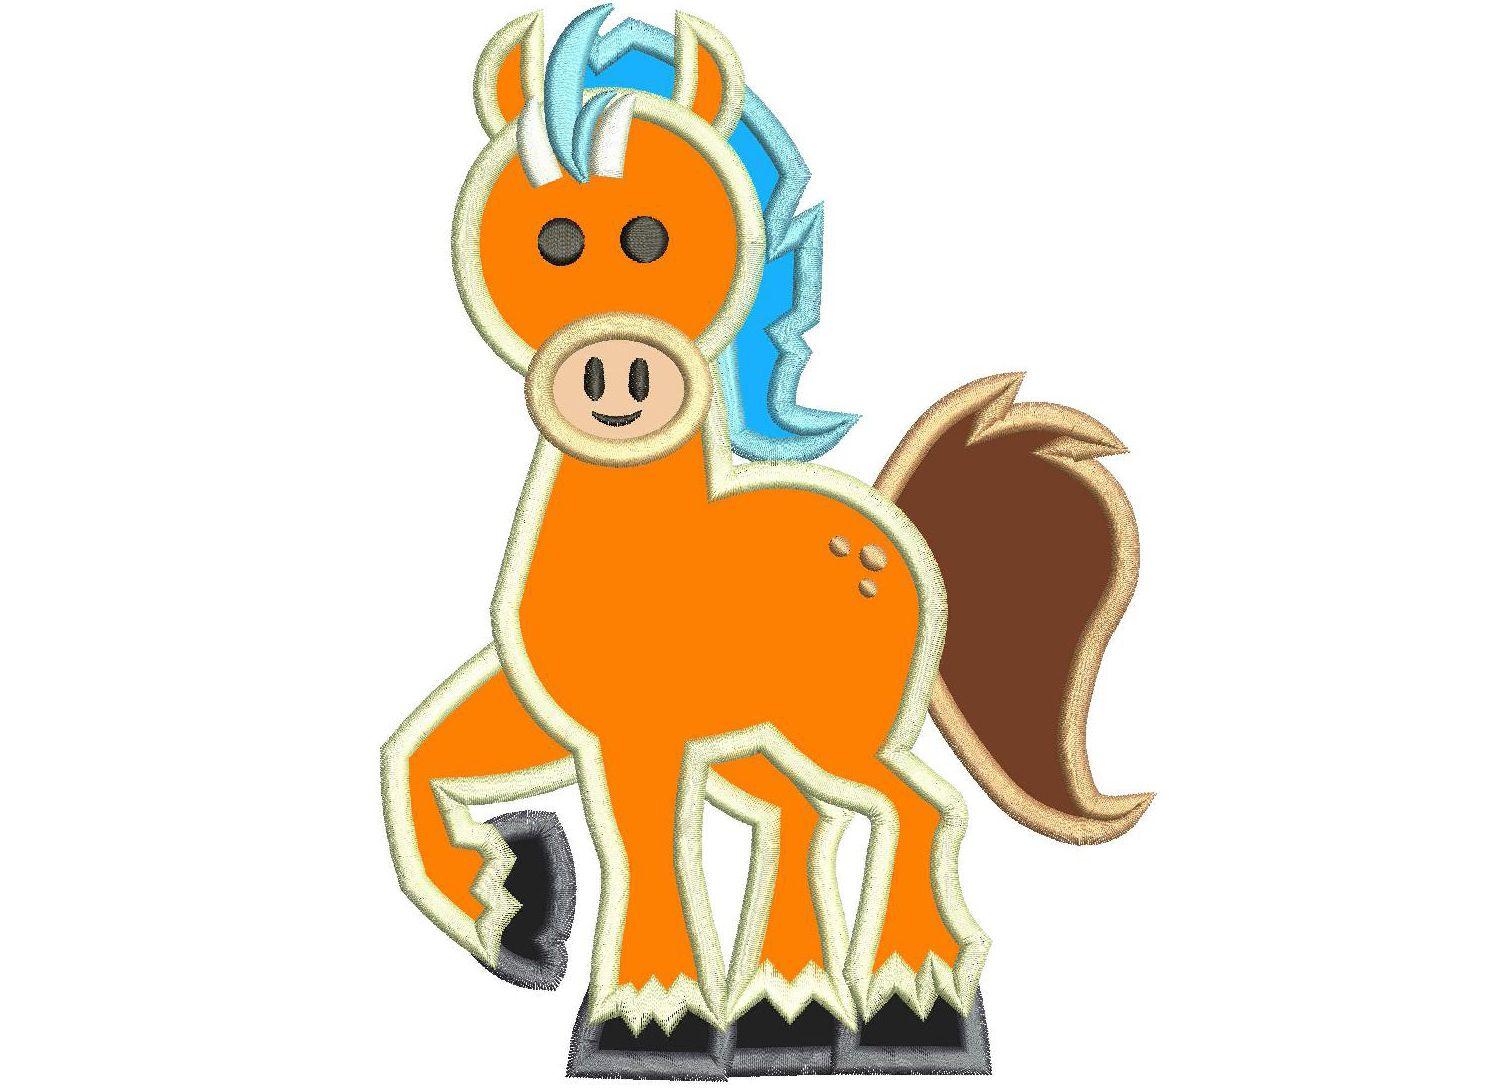 Clod the Horse Nella Princess Knight Applique Design